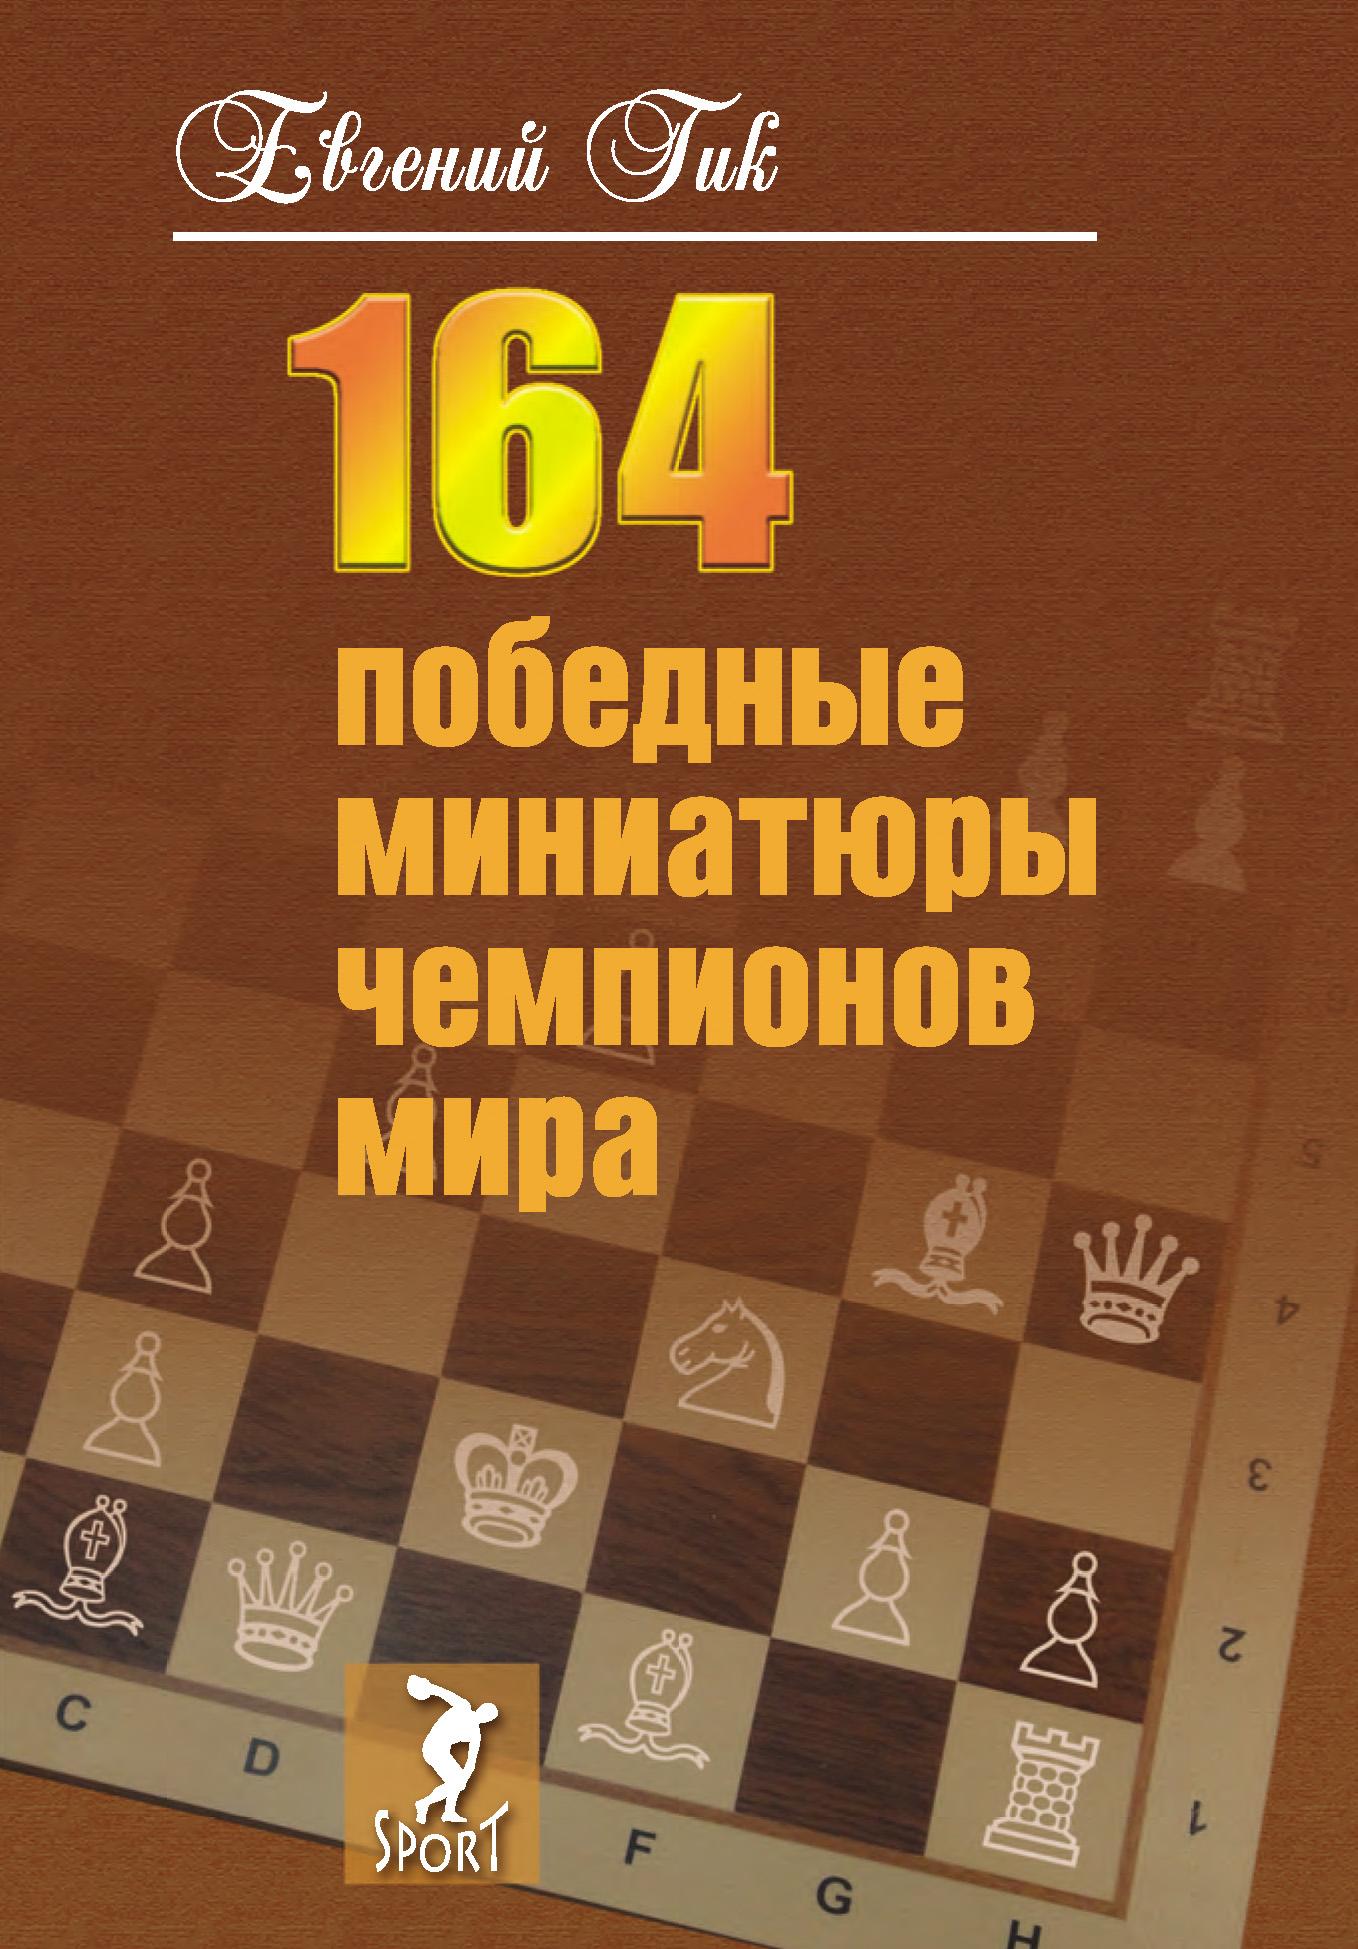 Фото - Евгений Гик 164 победные миниатюры чемпионов мира гик е 164 победные миниатюры чемпионов мира